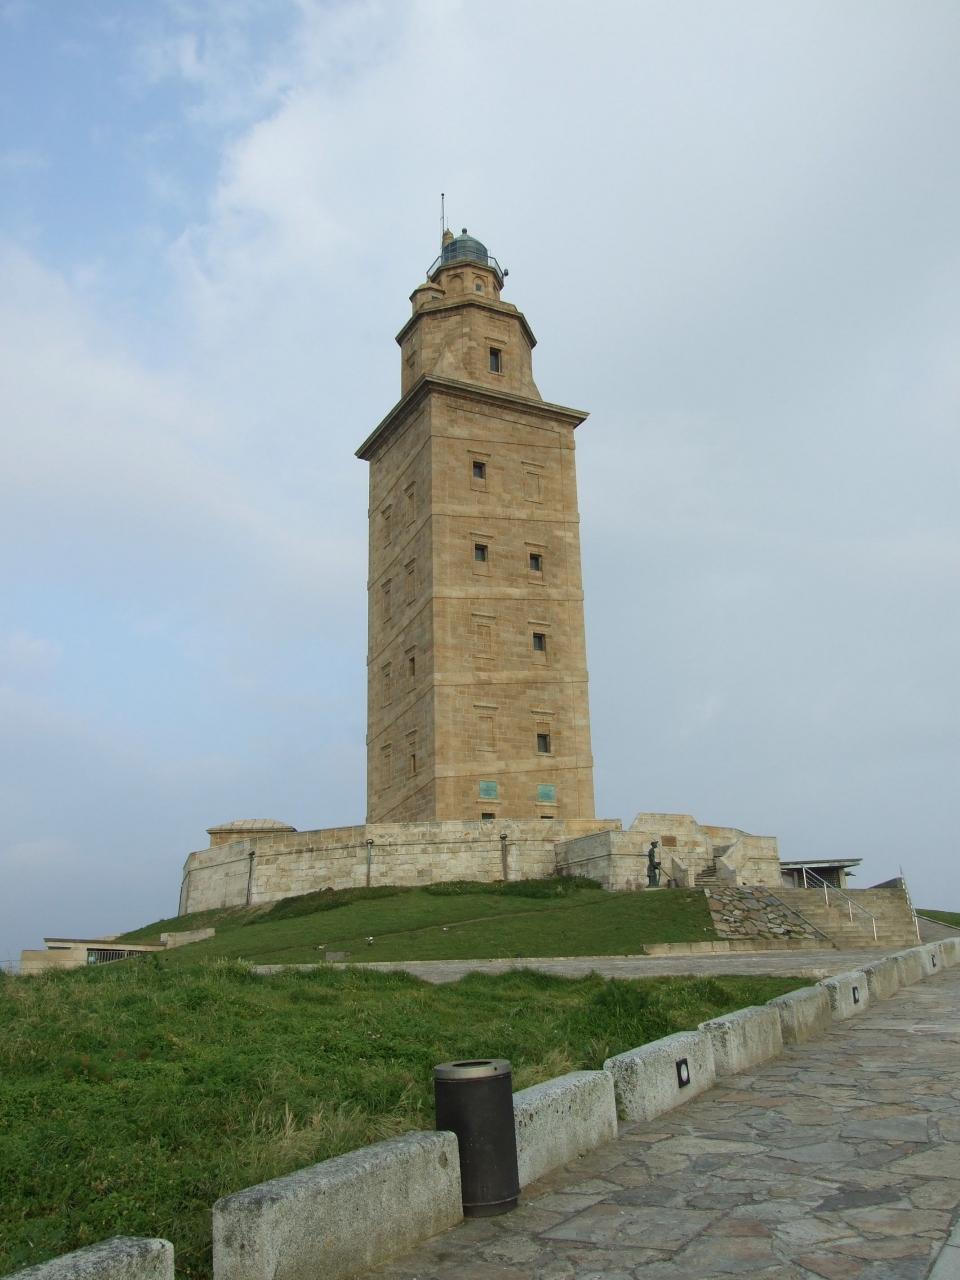 ヘラクレスの塔の画像 p1_34